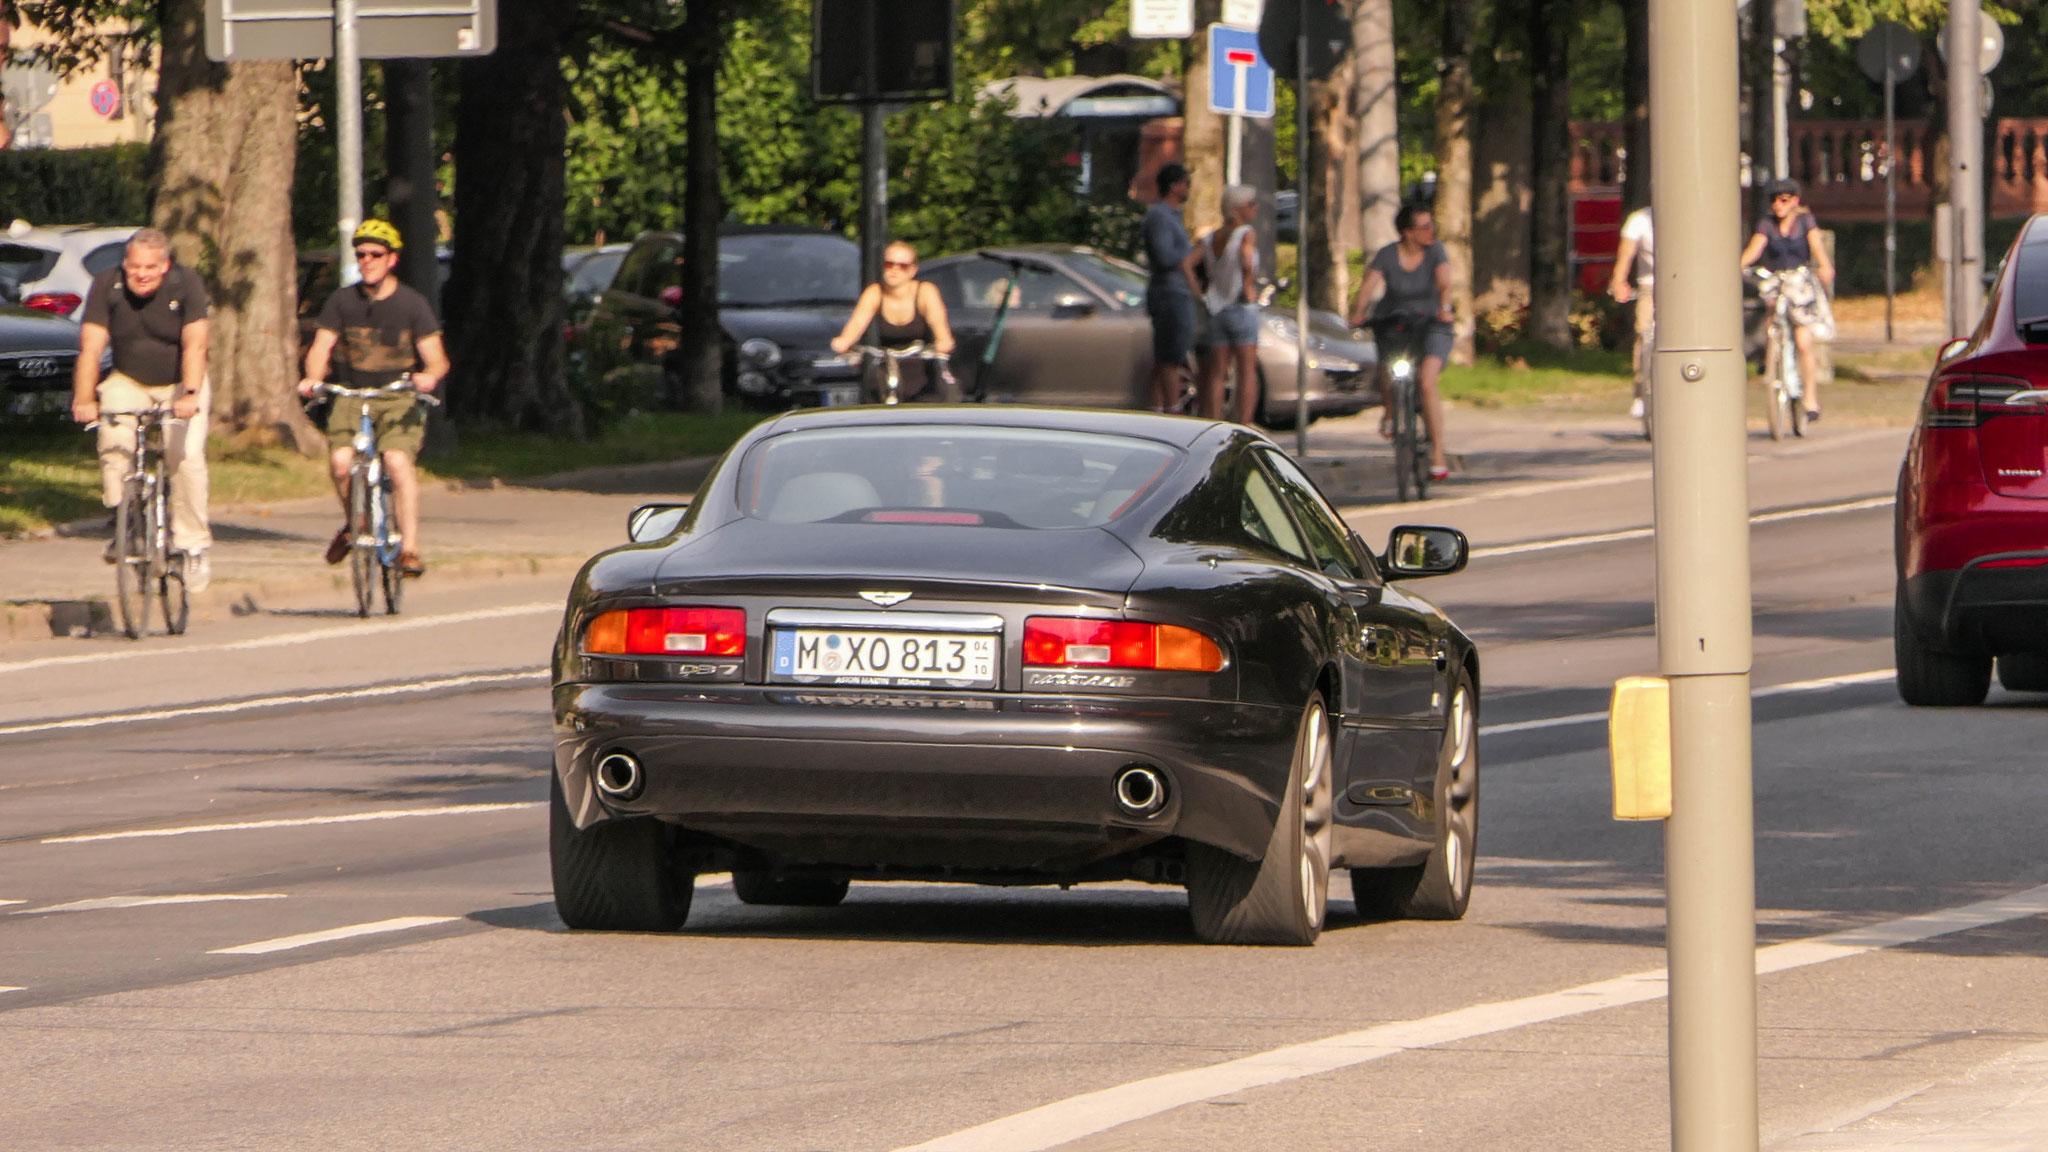 Aston Martin DB7 - M-XO-813